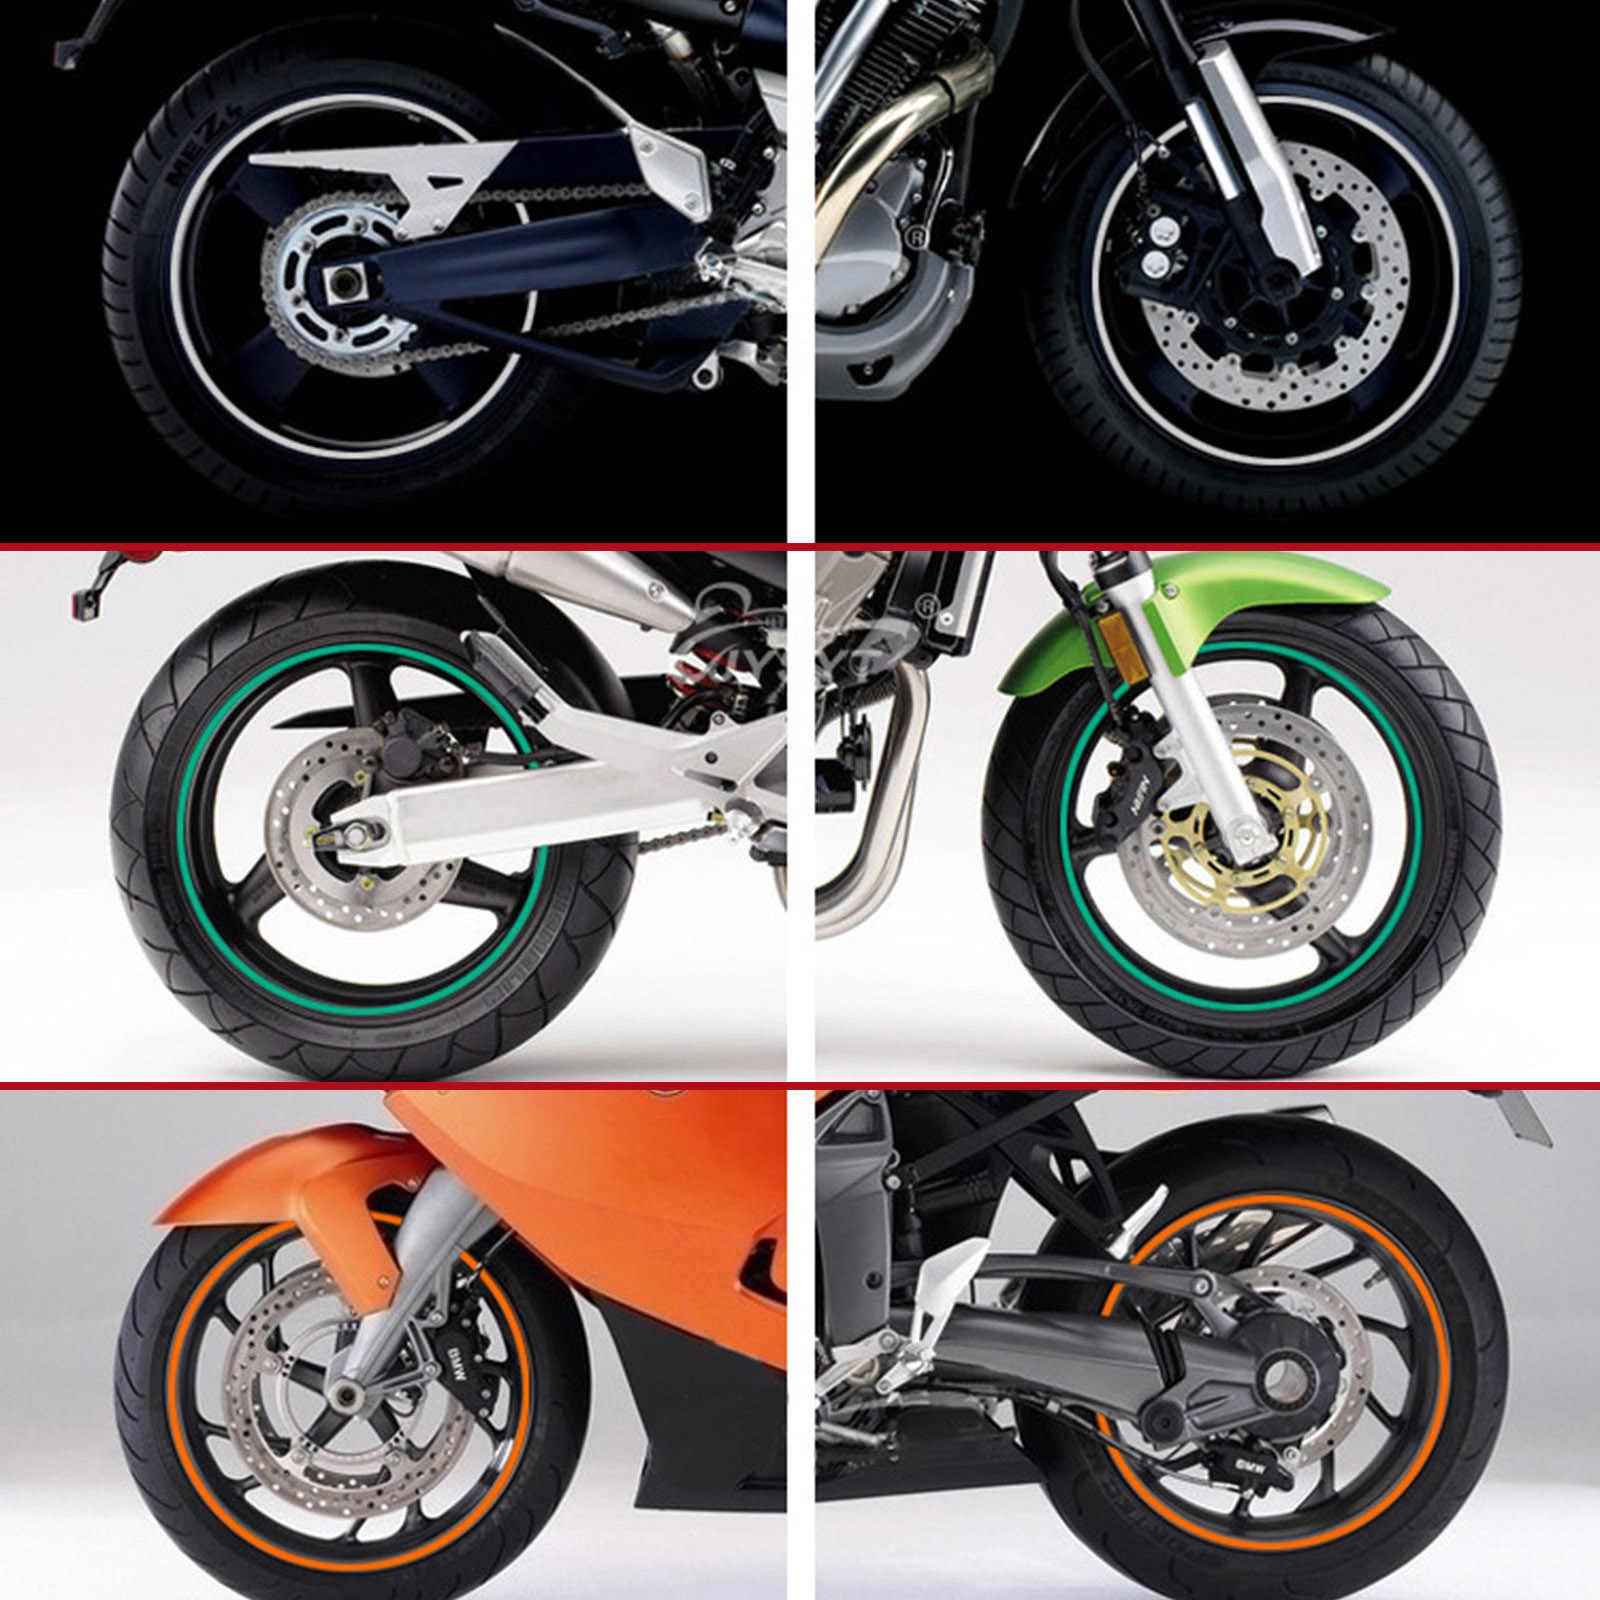 عجلة دراجة نارية ملصق ثلاثية الأبعاد عاكس ريم الشريط السيارات الشارات شرائط لكاواساكي نينجا 250 300 400 R VERSYS 300X ZX636R GTR1400